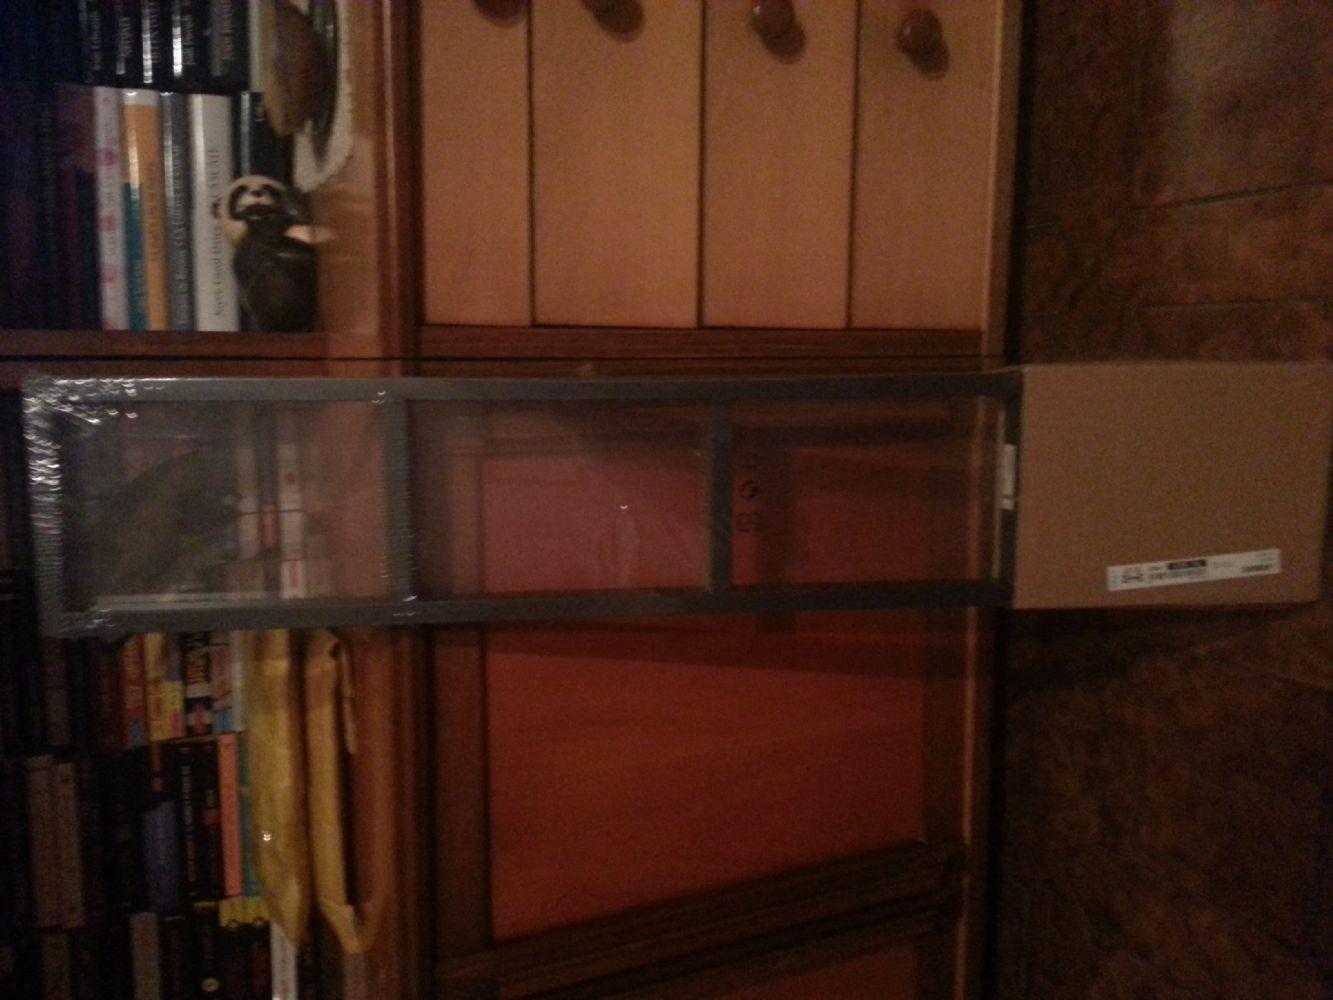 Baratto scambio porta cd ikea arredamento complementi d for Ikea complementi d arredo